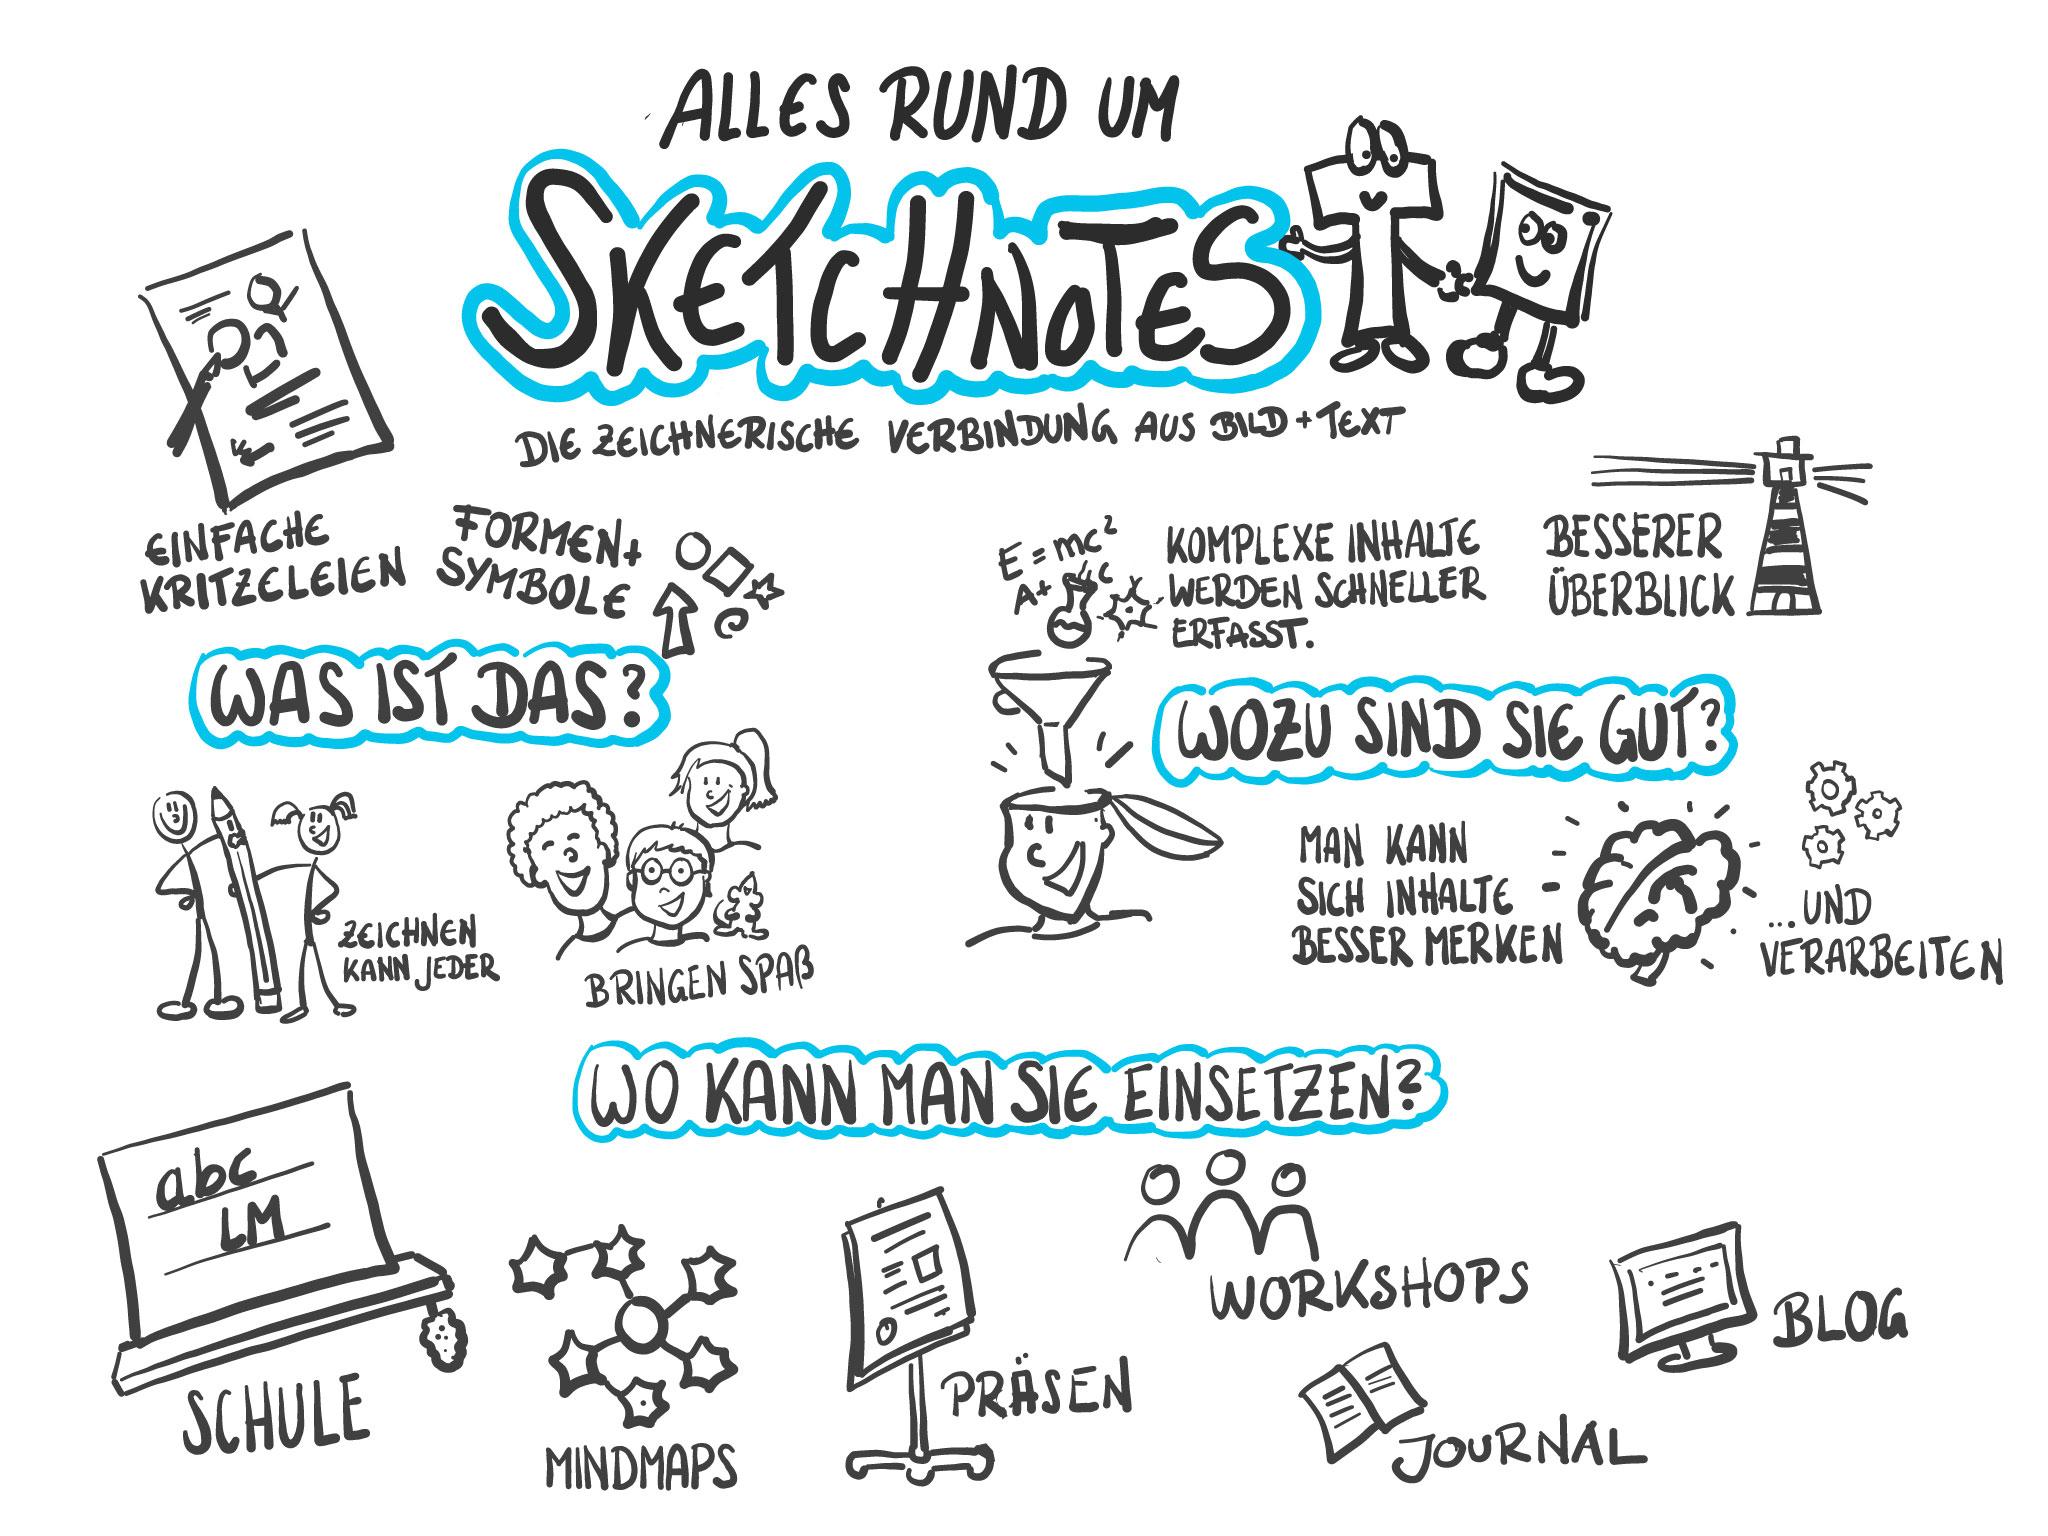 Vorteile und Einsatz von Sketchnotes